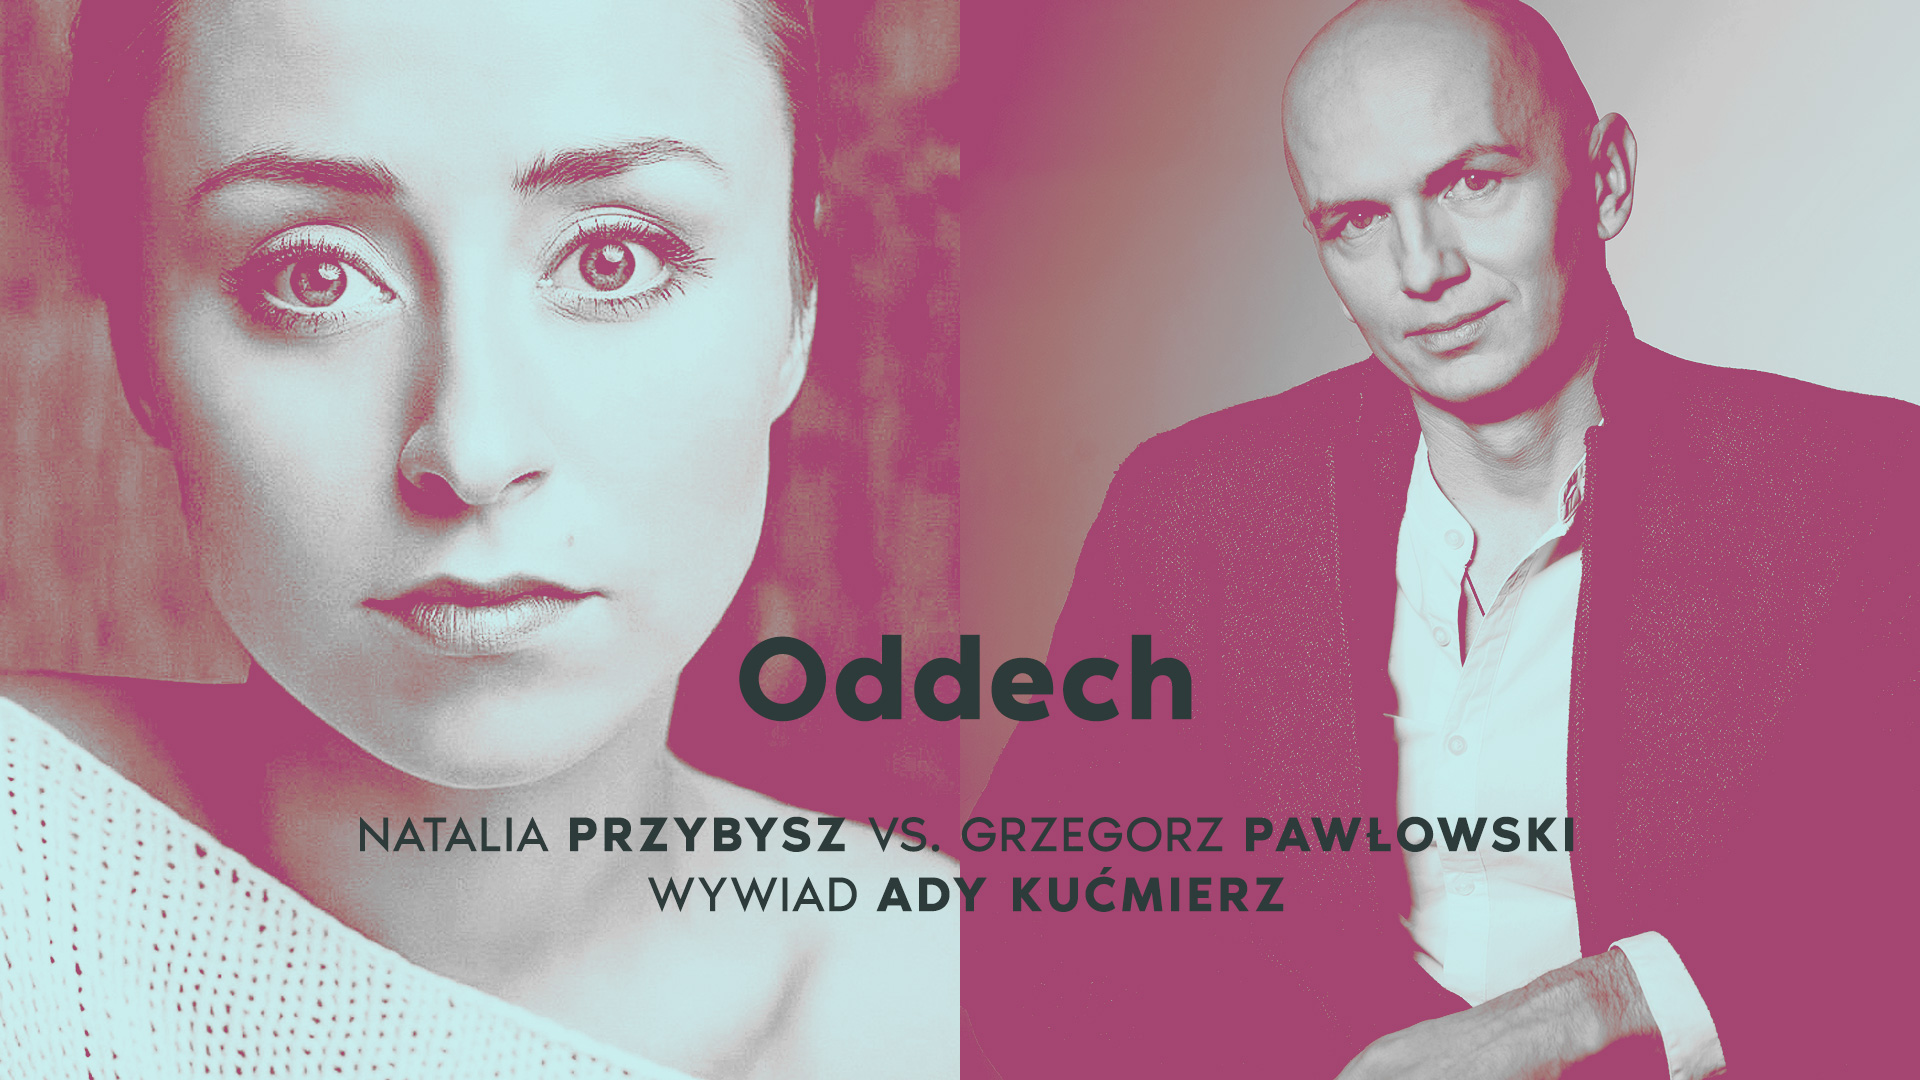 Natalia Przybysz / Grzgorz Pawłowski